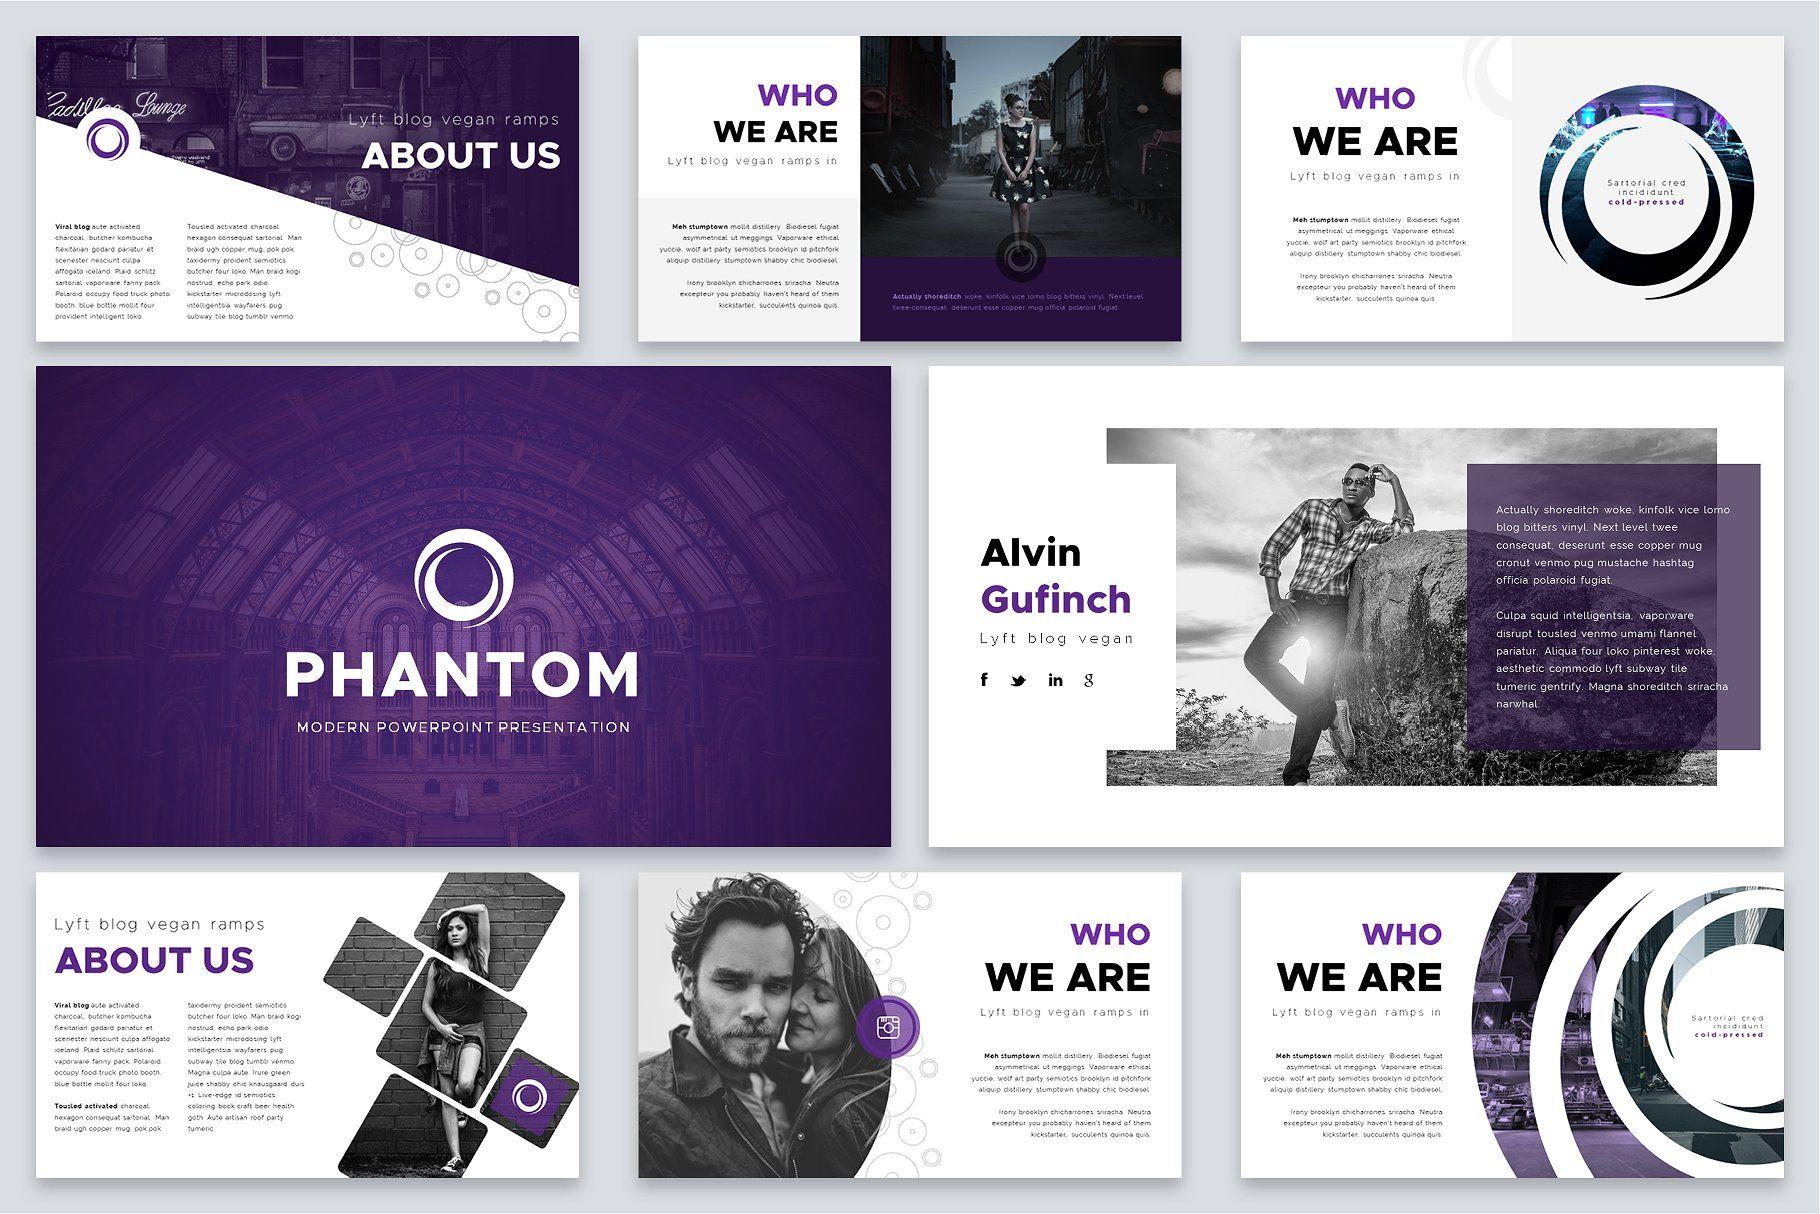 Phantom Modern Powerpoint Template Full Hd Slides Features